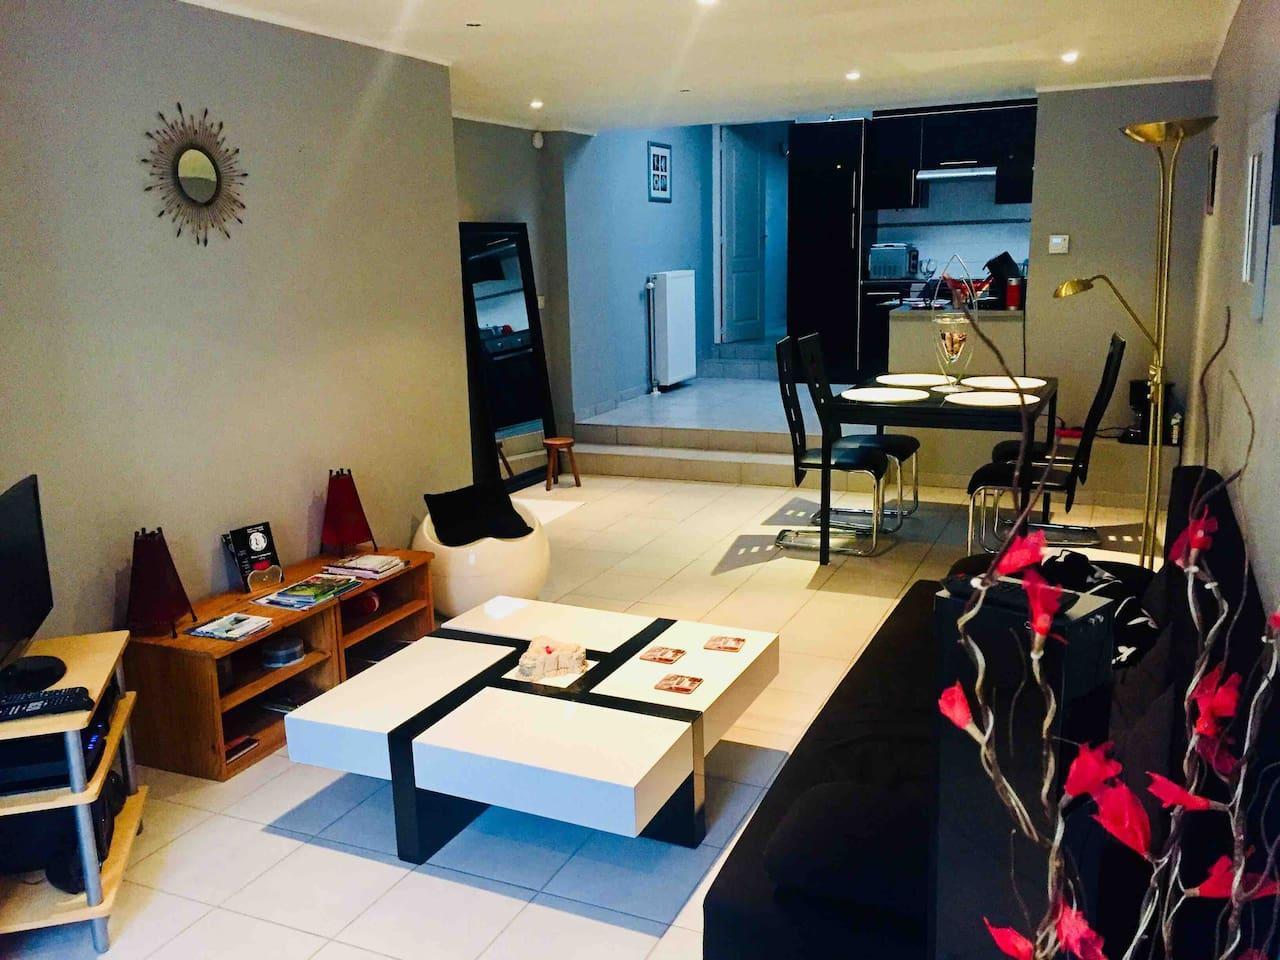 Vue d'ensemble salon, salle à manger, cuisine et porte du couloir donnant accès à la chambre, la sdb et le jardin.